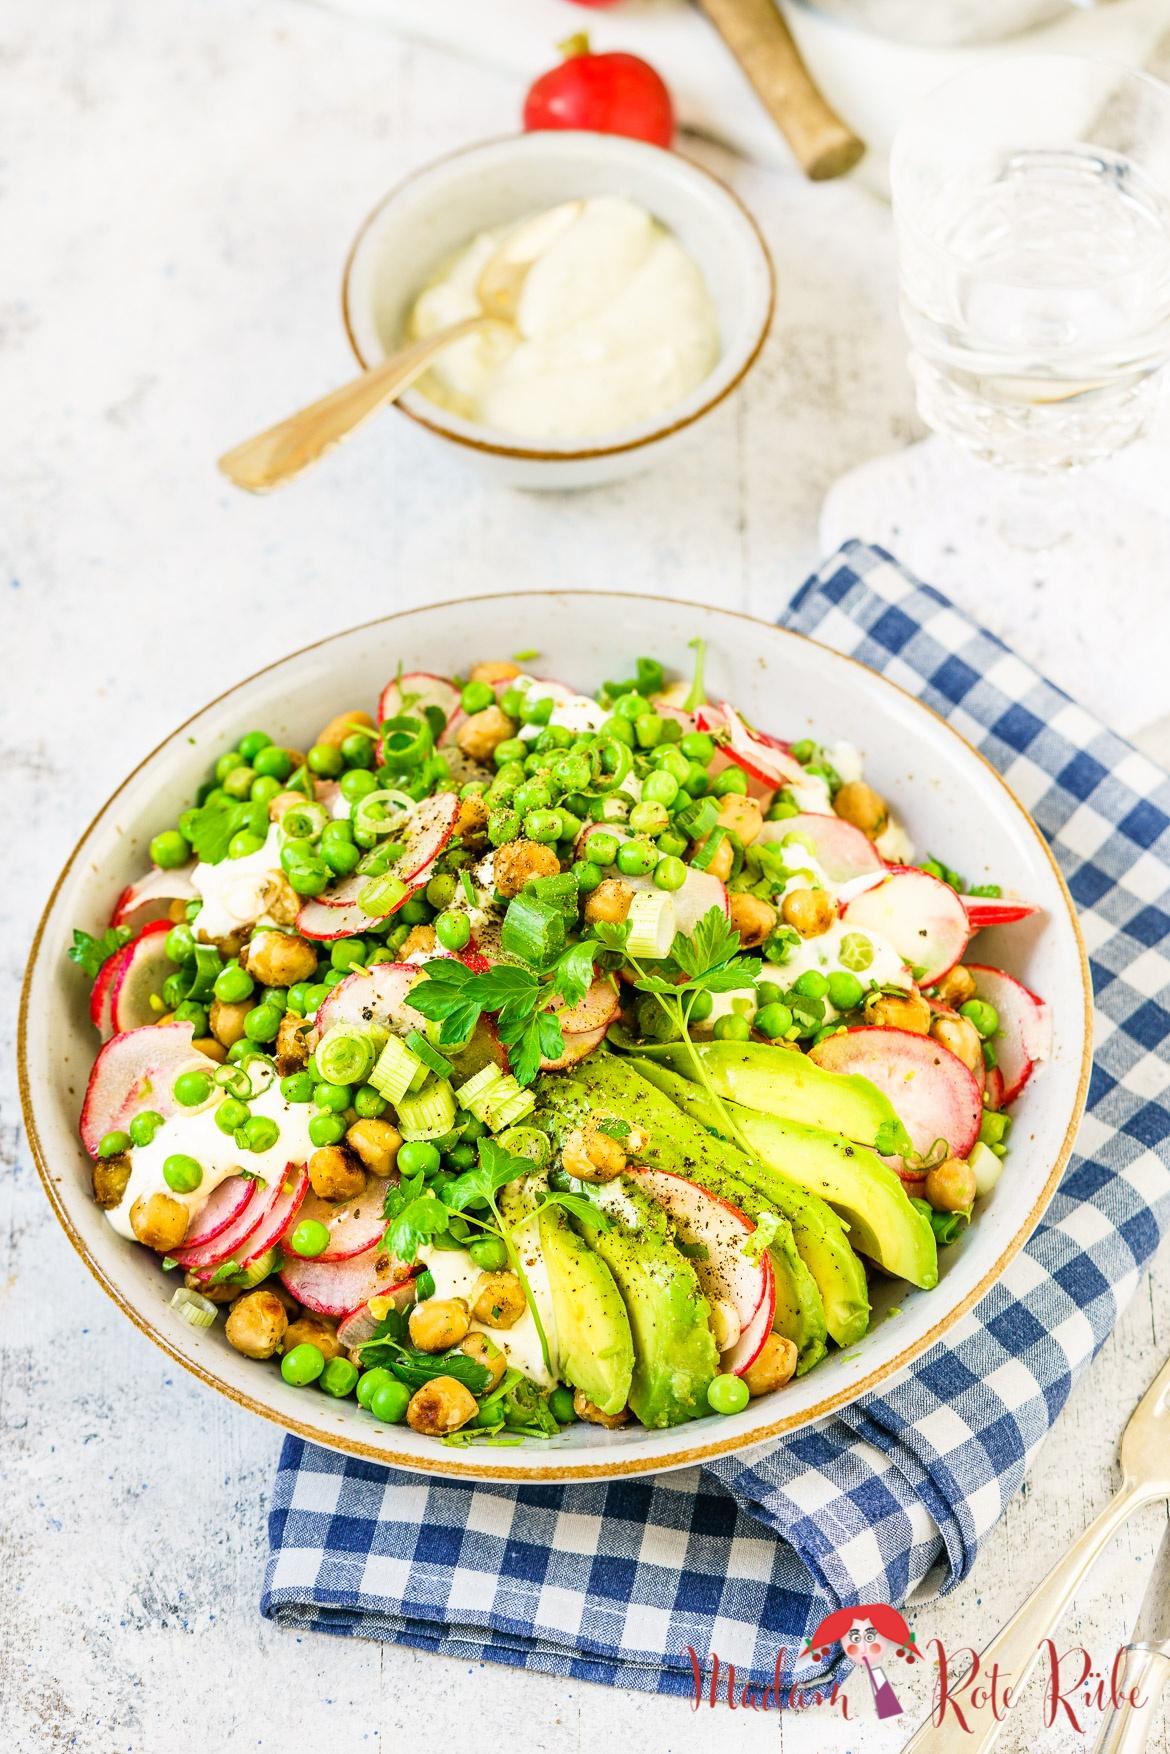 Madam Rote Rübe - Radieschen-Erbsen-Salat mit würzigen Kichererbsen